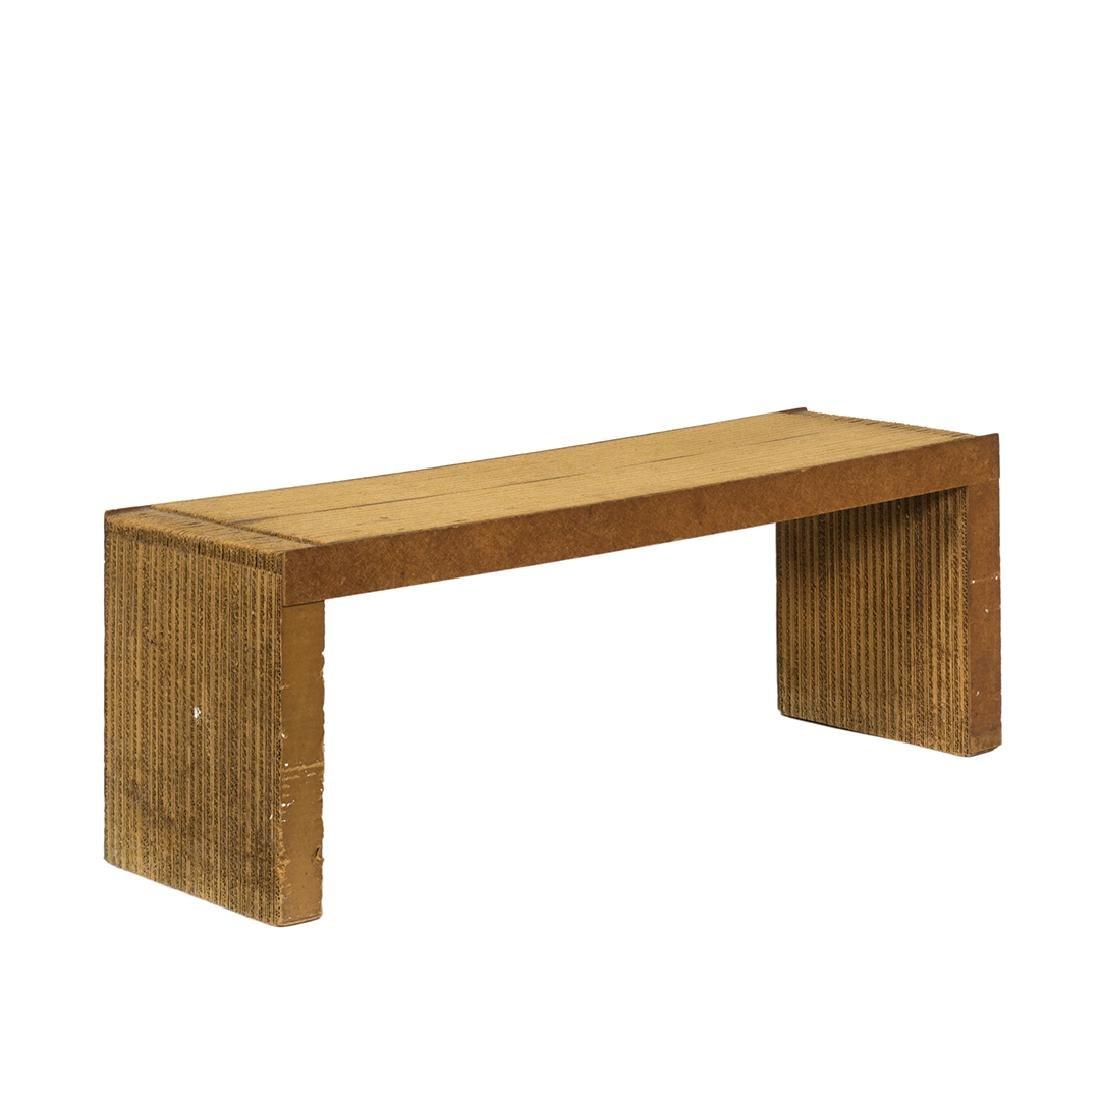 Frank Gehry Easy Edges Shelf or Table - 2